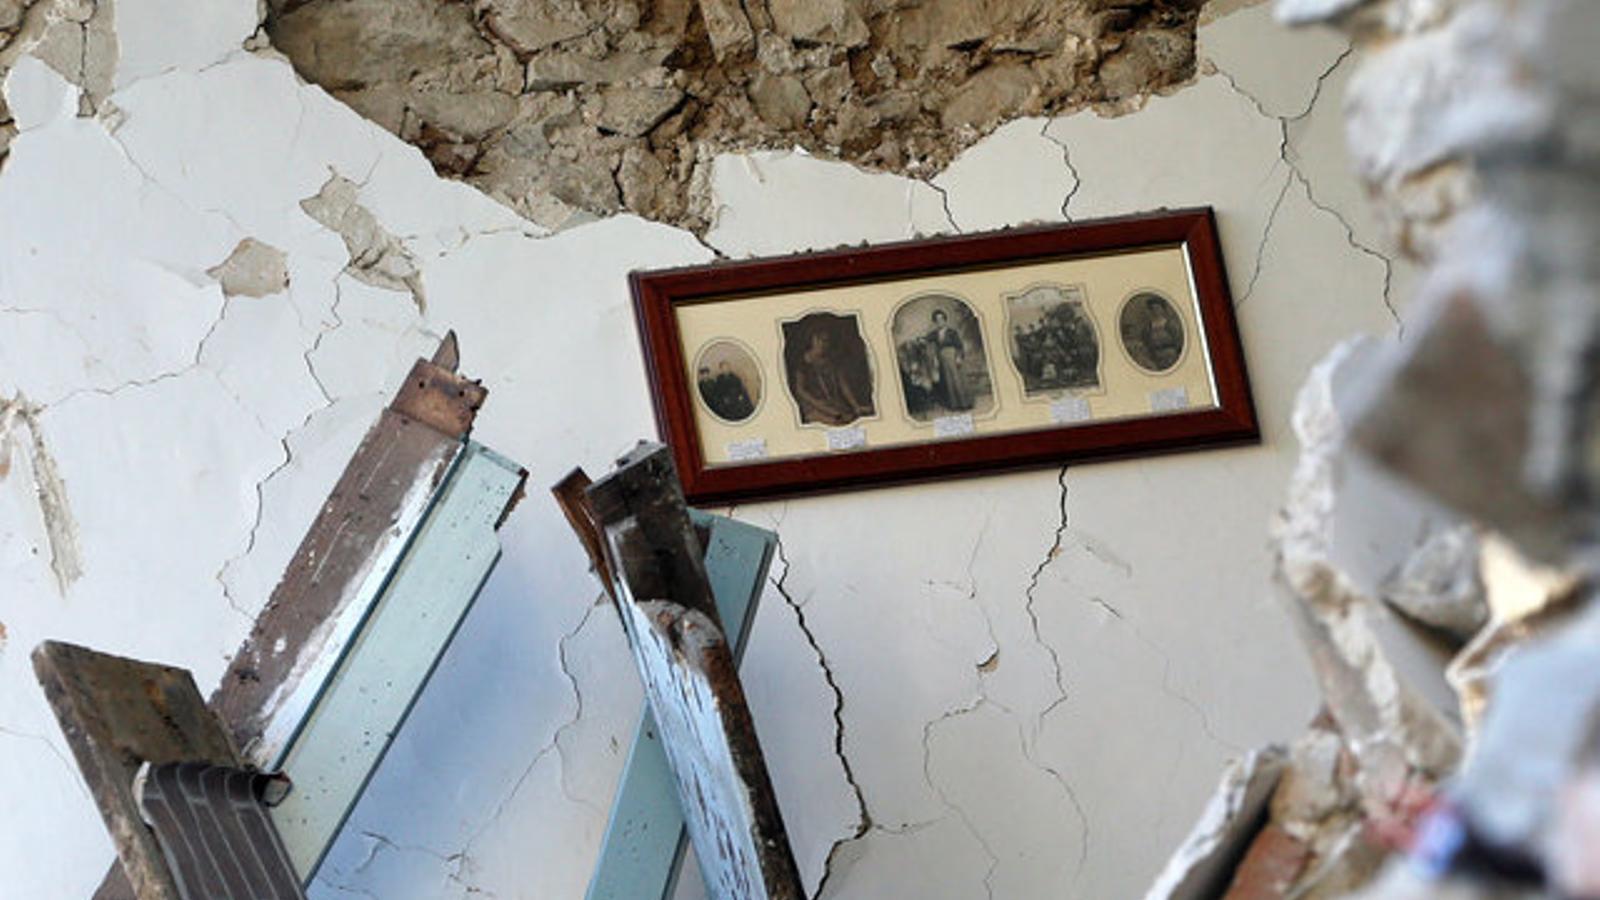 Fotografies familiars a l'interior derruït d'una casa que ha quedat destrossada pel terratrèmol, a Amatrice.